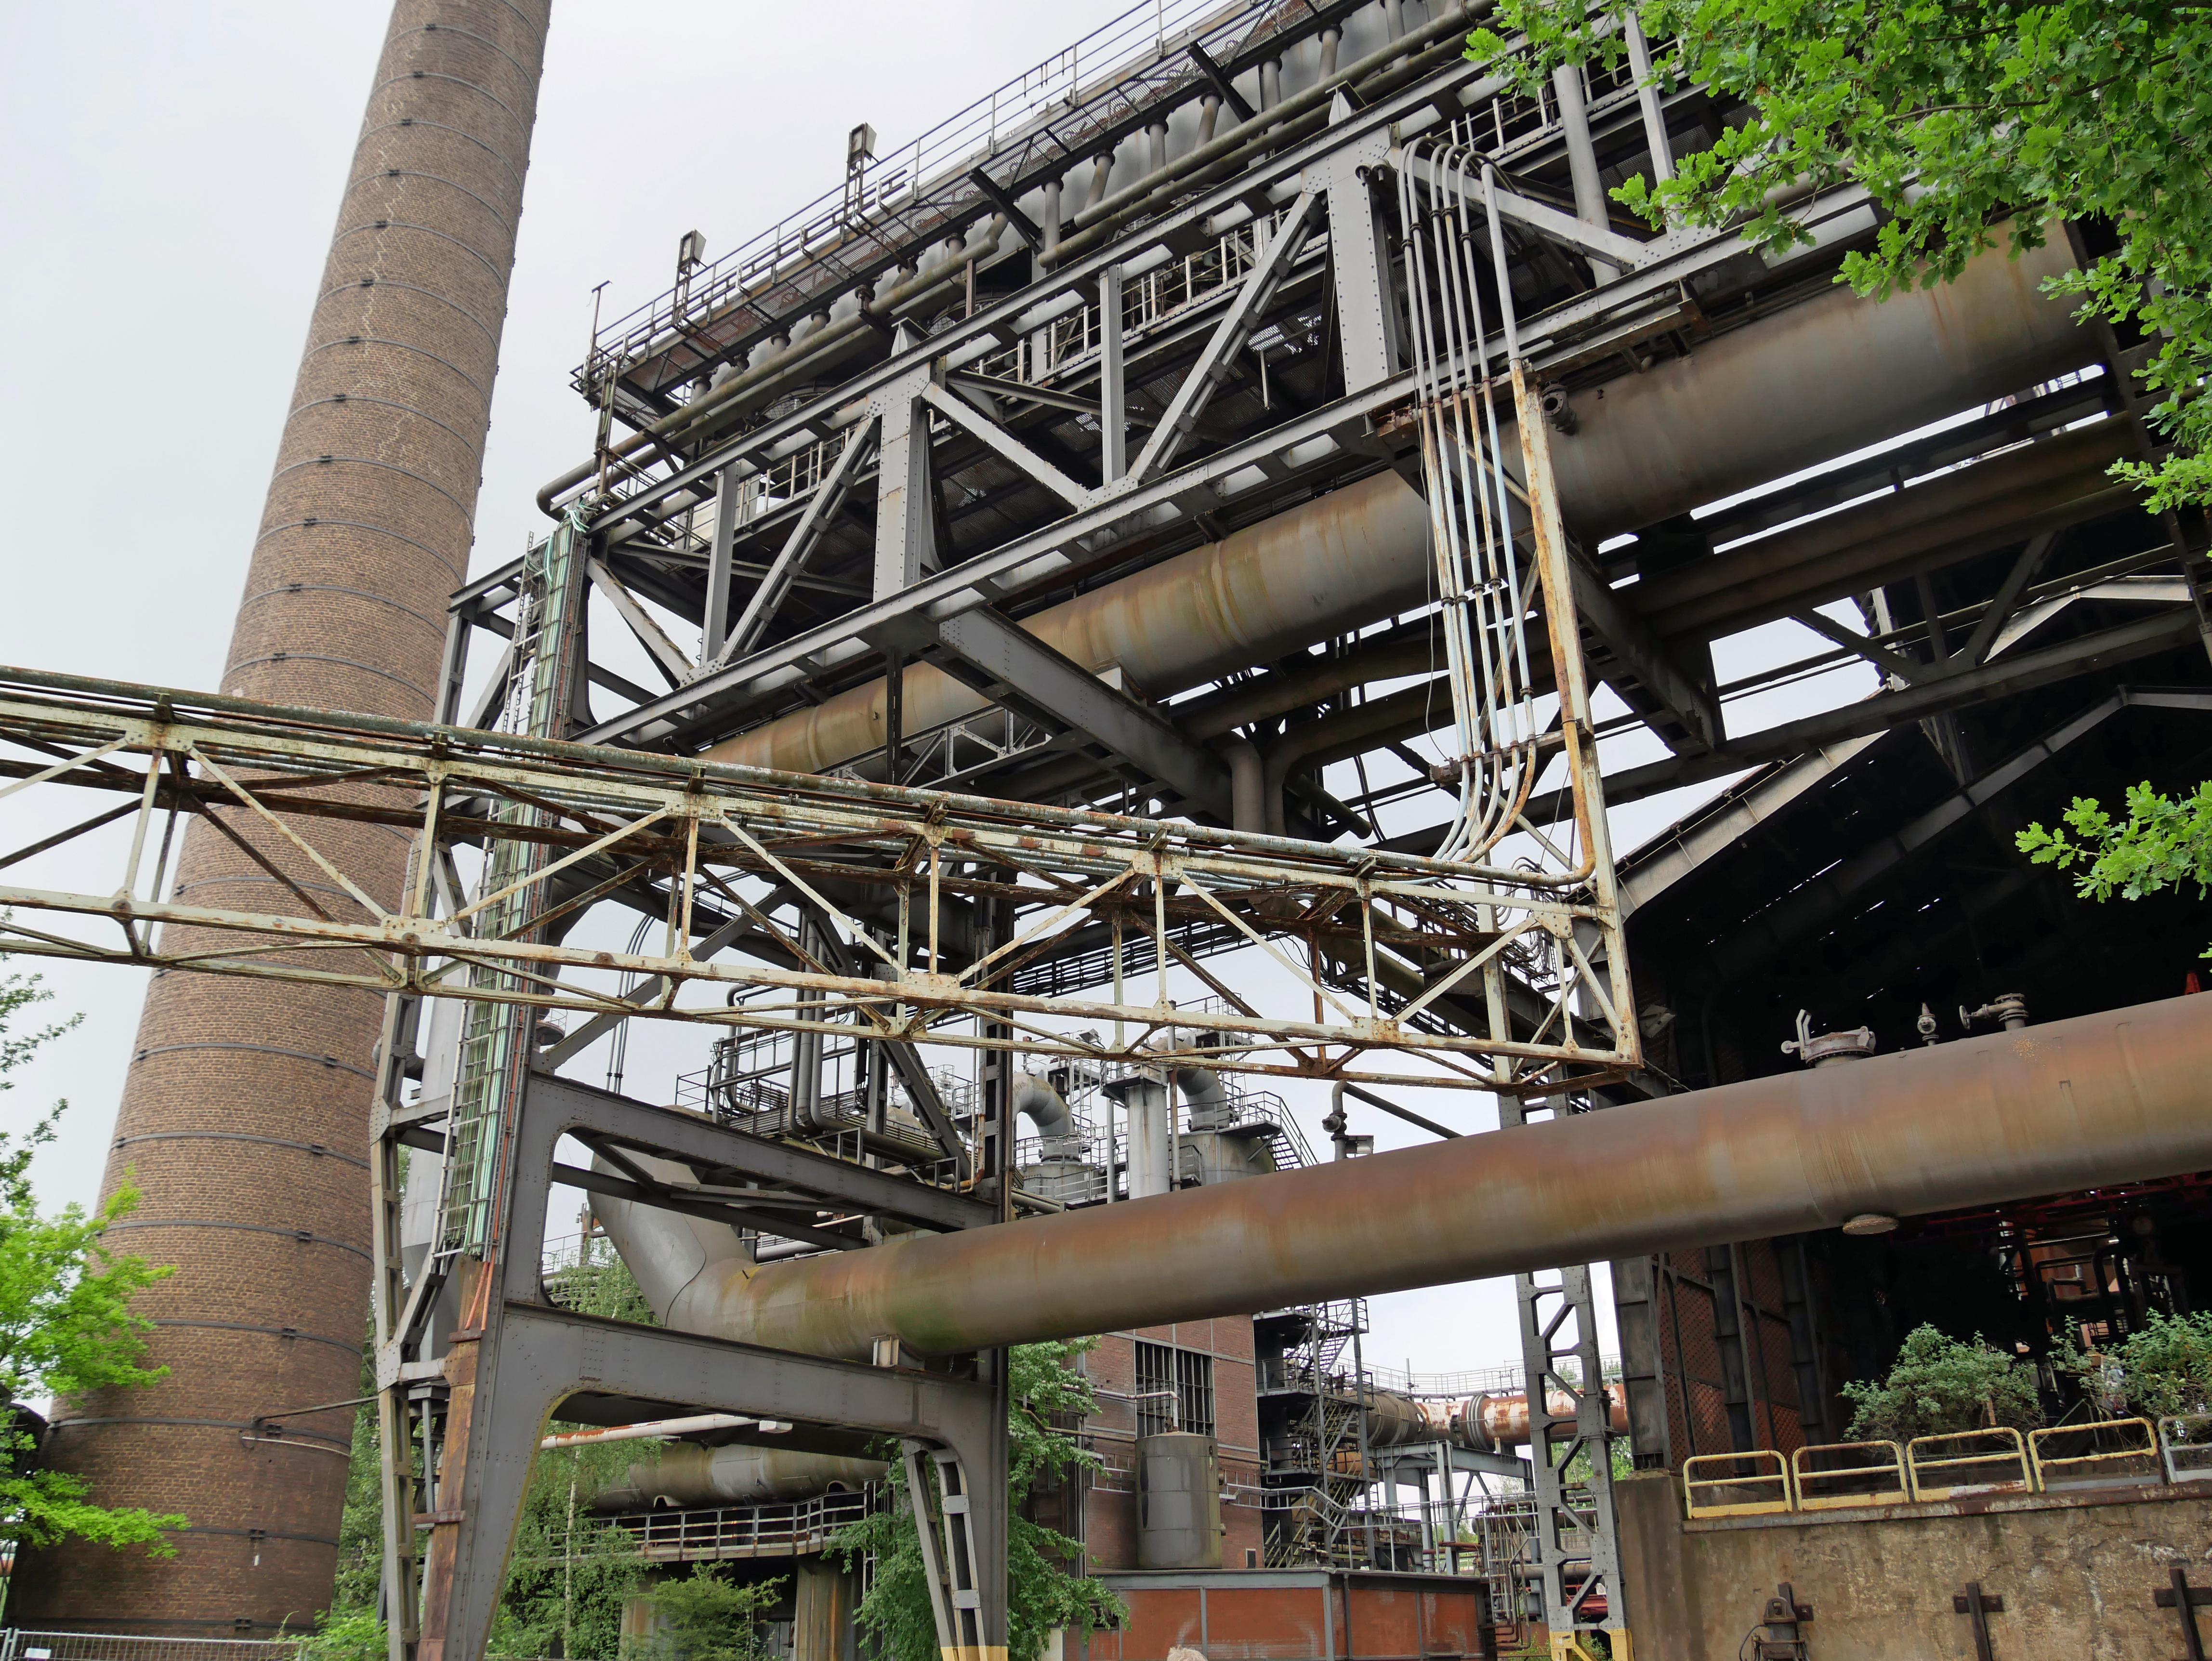 Das ehemalige Hüttenwerk ist heute Bestandteil des Landschaftsparks Duisburg-Nord. Das Bauwerk gehört zur IBA Emscher Park und ist für Besucher zur Besichtigung freigegeben. Foto: Uwe Roth